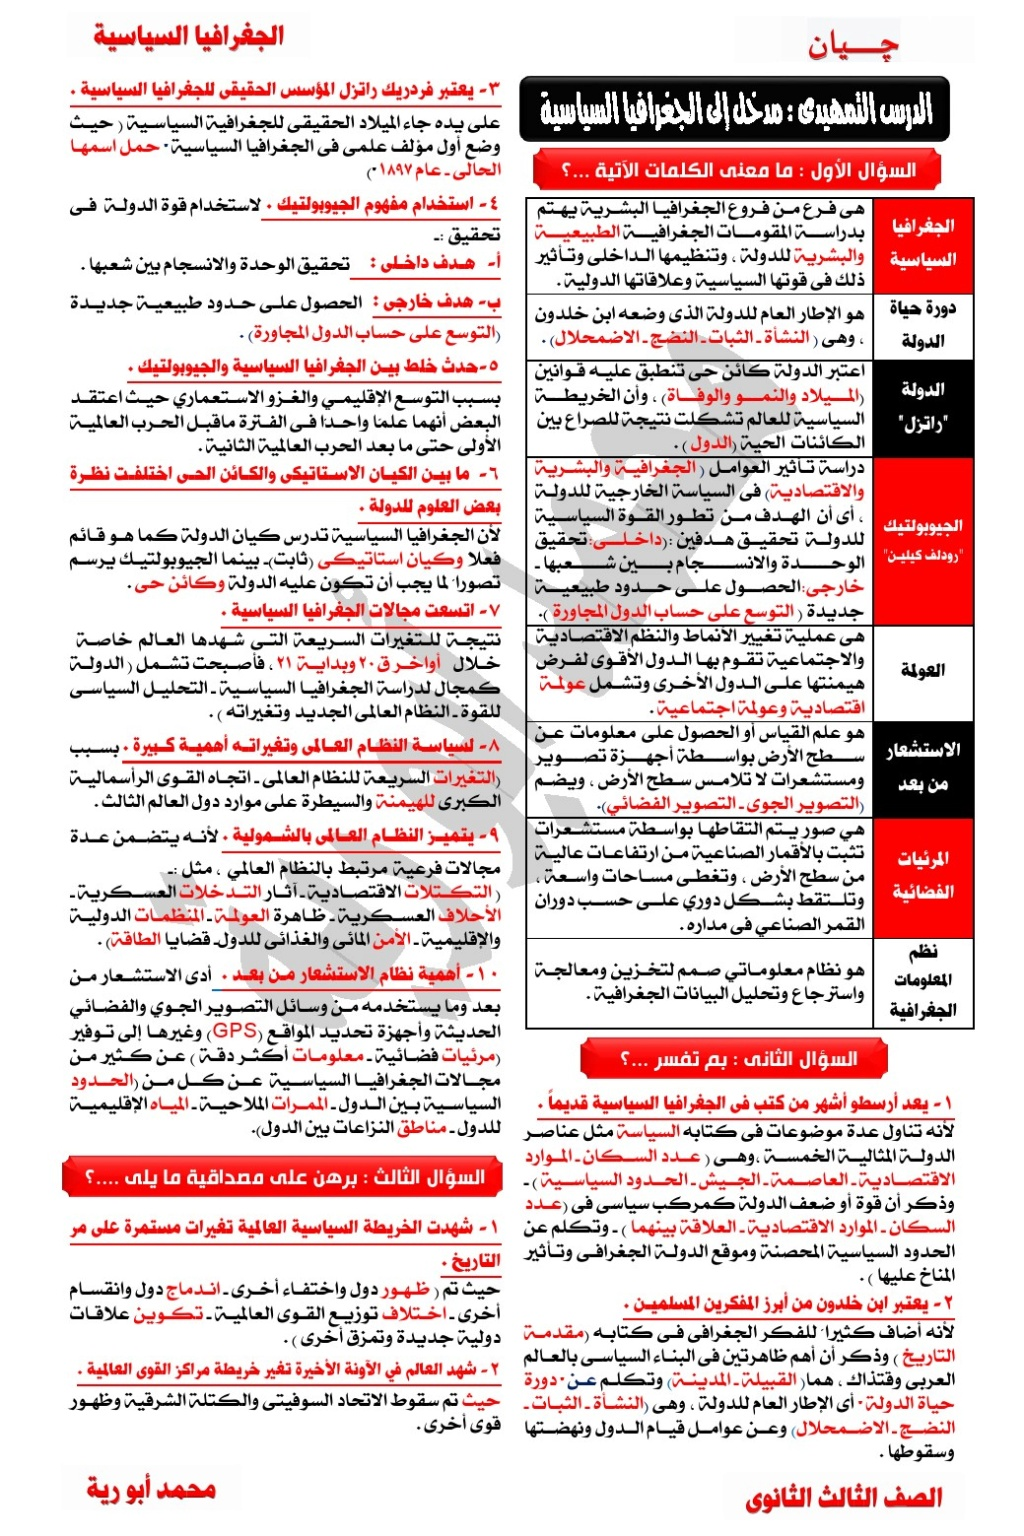 مراجعة الجغرافيا السياسية س و ج للثانوية العامة 2020 مستر/ محمد ابو رية Talb_o11